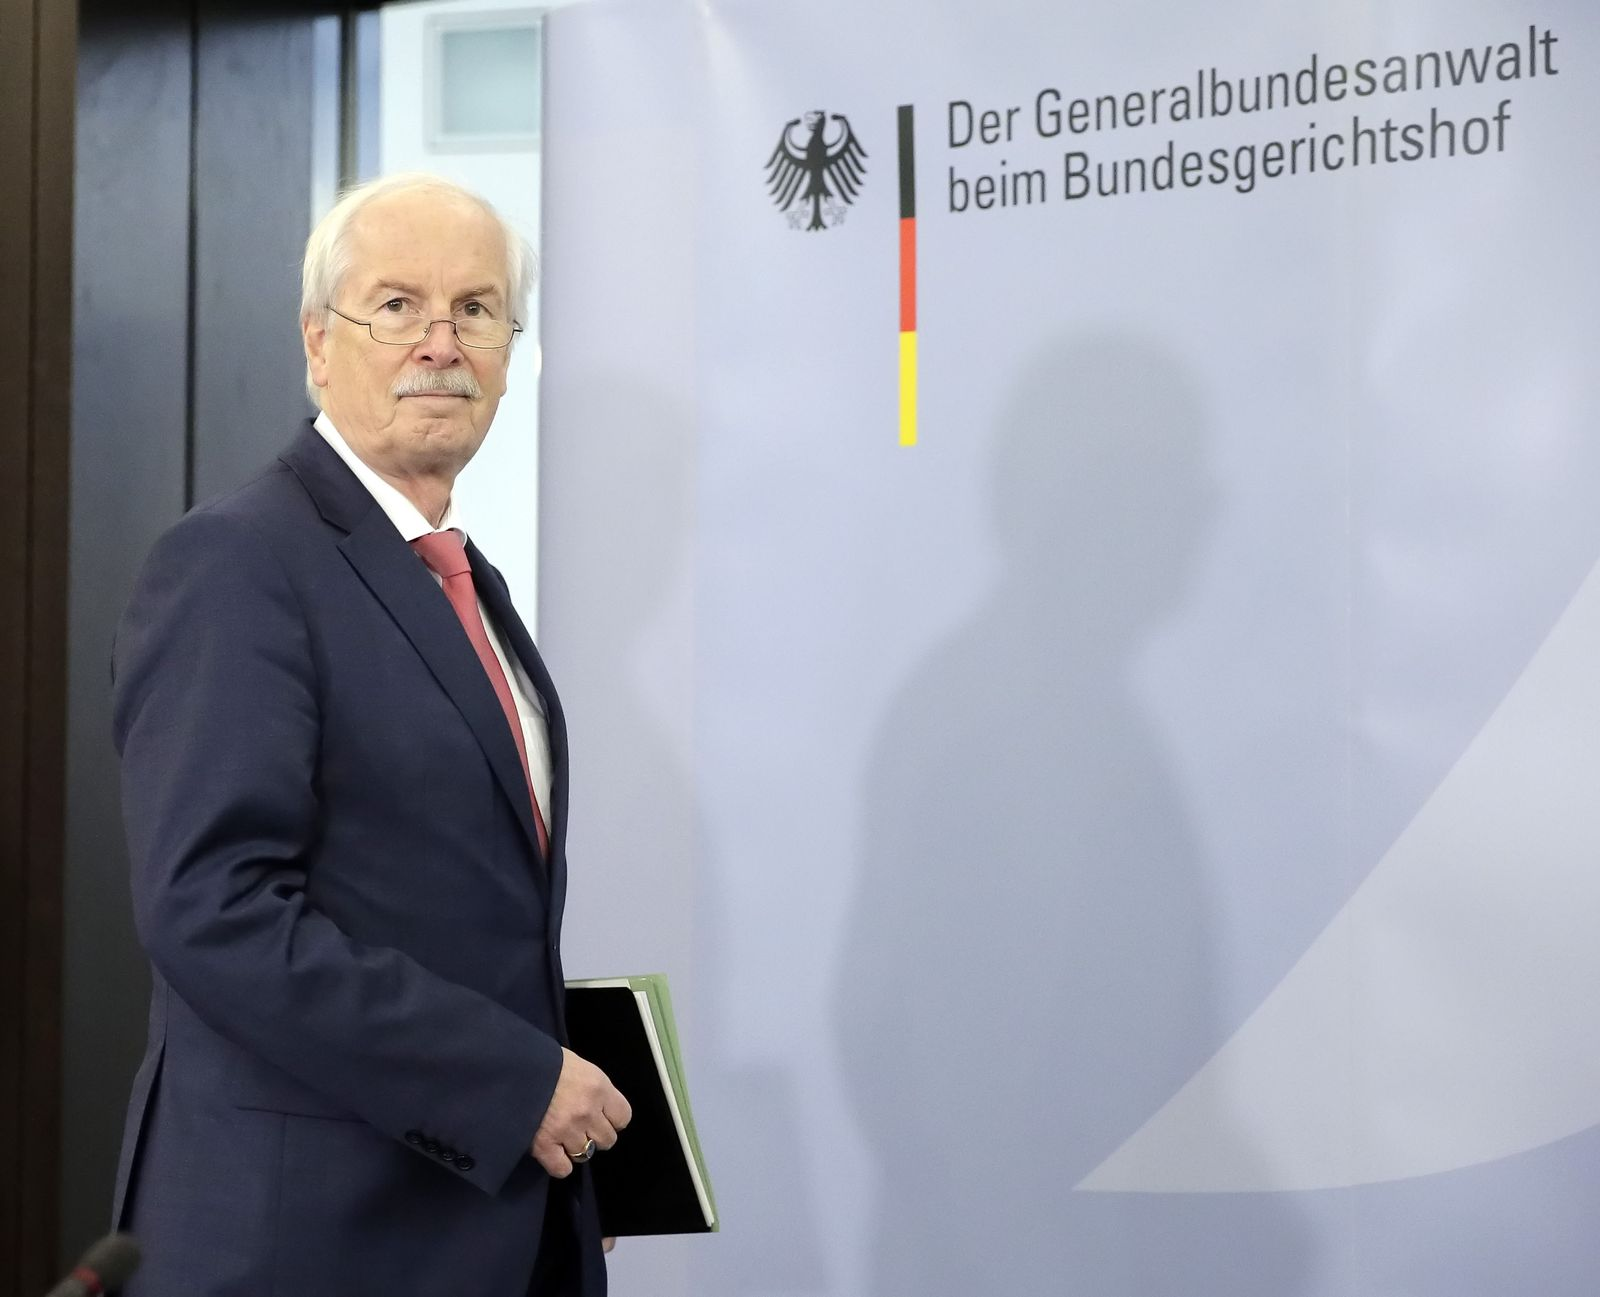 Generalbundesanwalt/ Harald Range